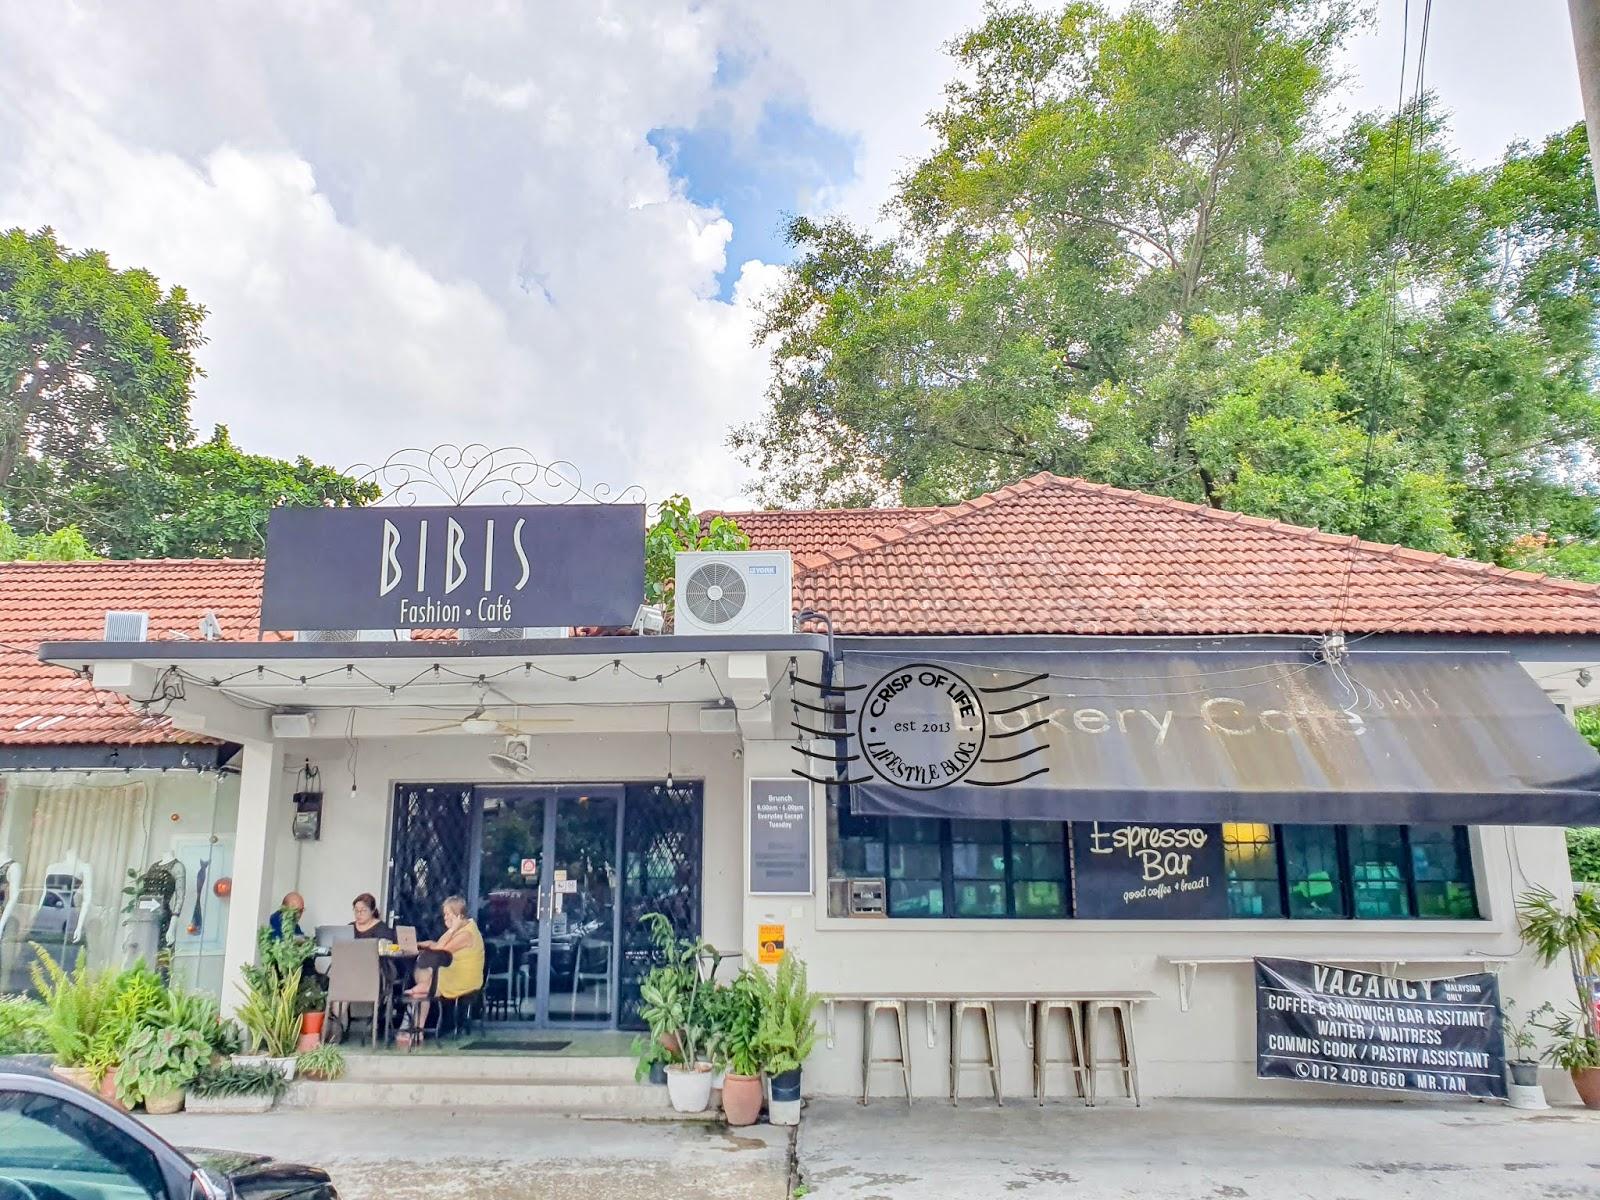 Bibis Fashion & Cafe @ Jalan Kelawai, Penang